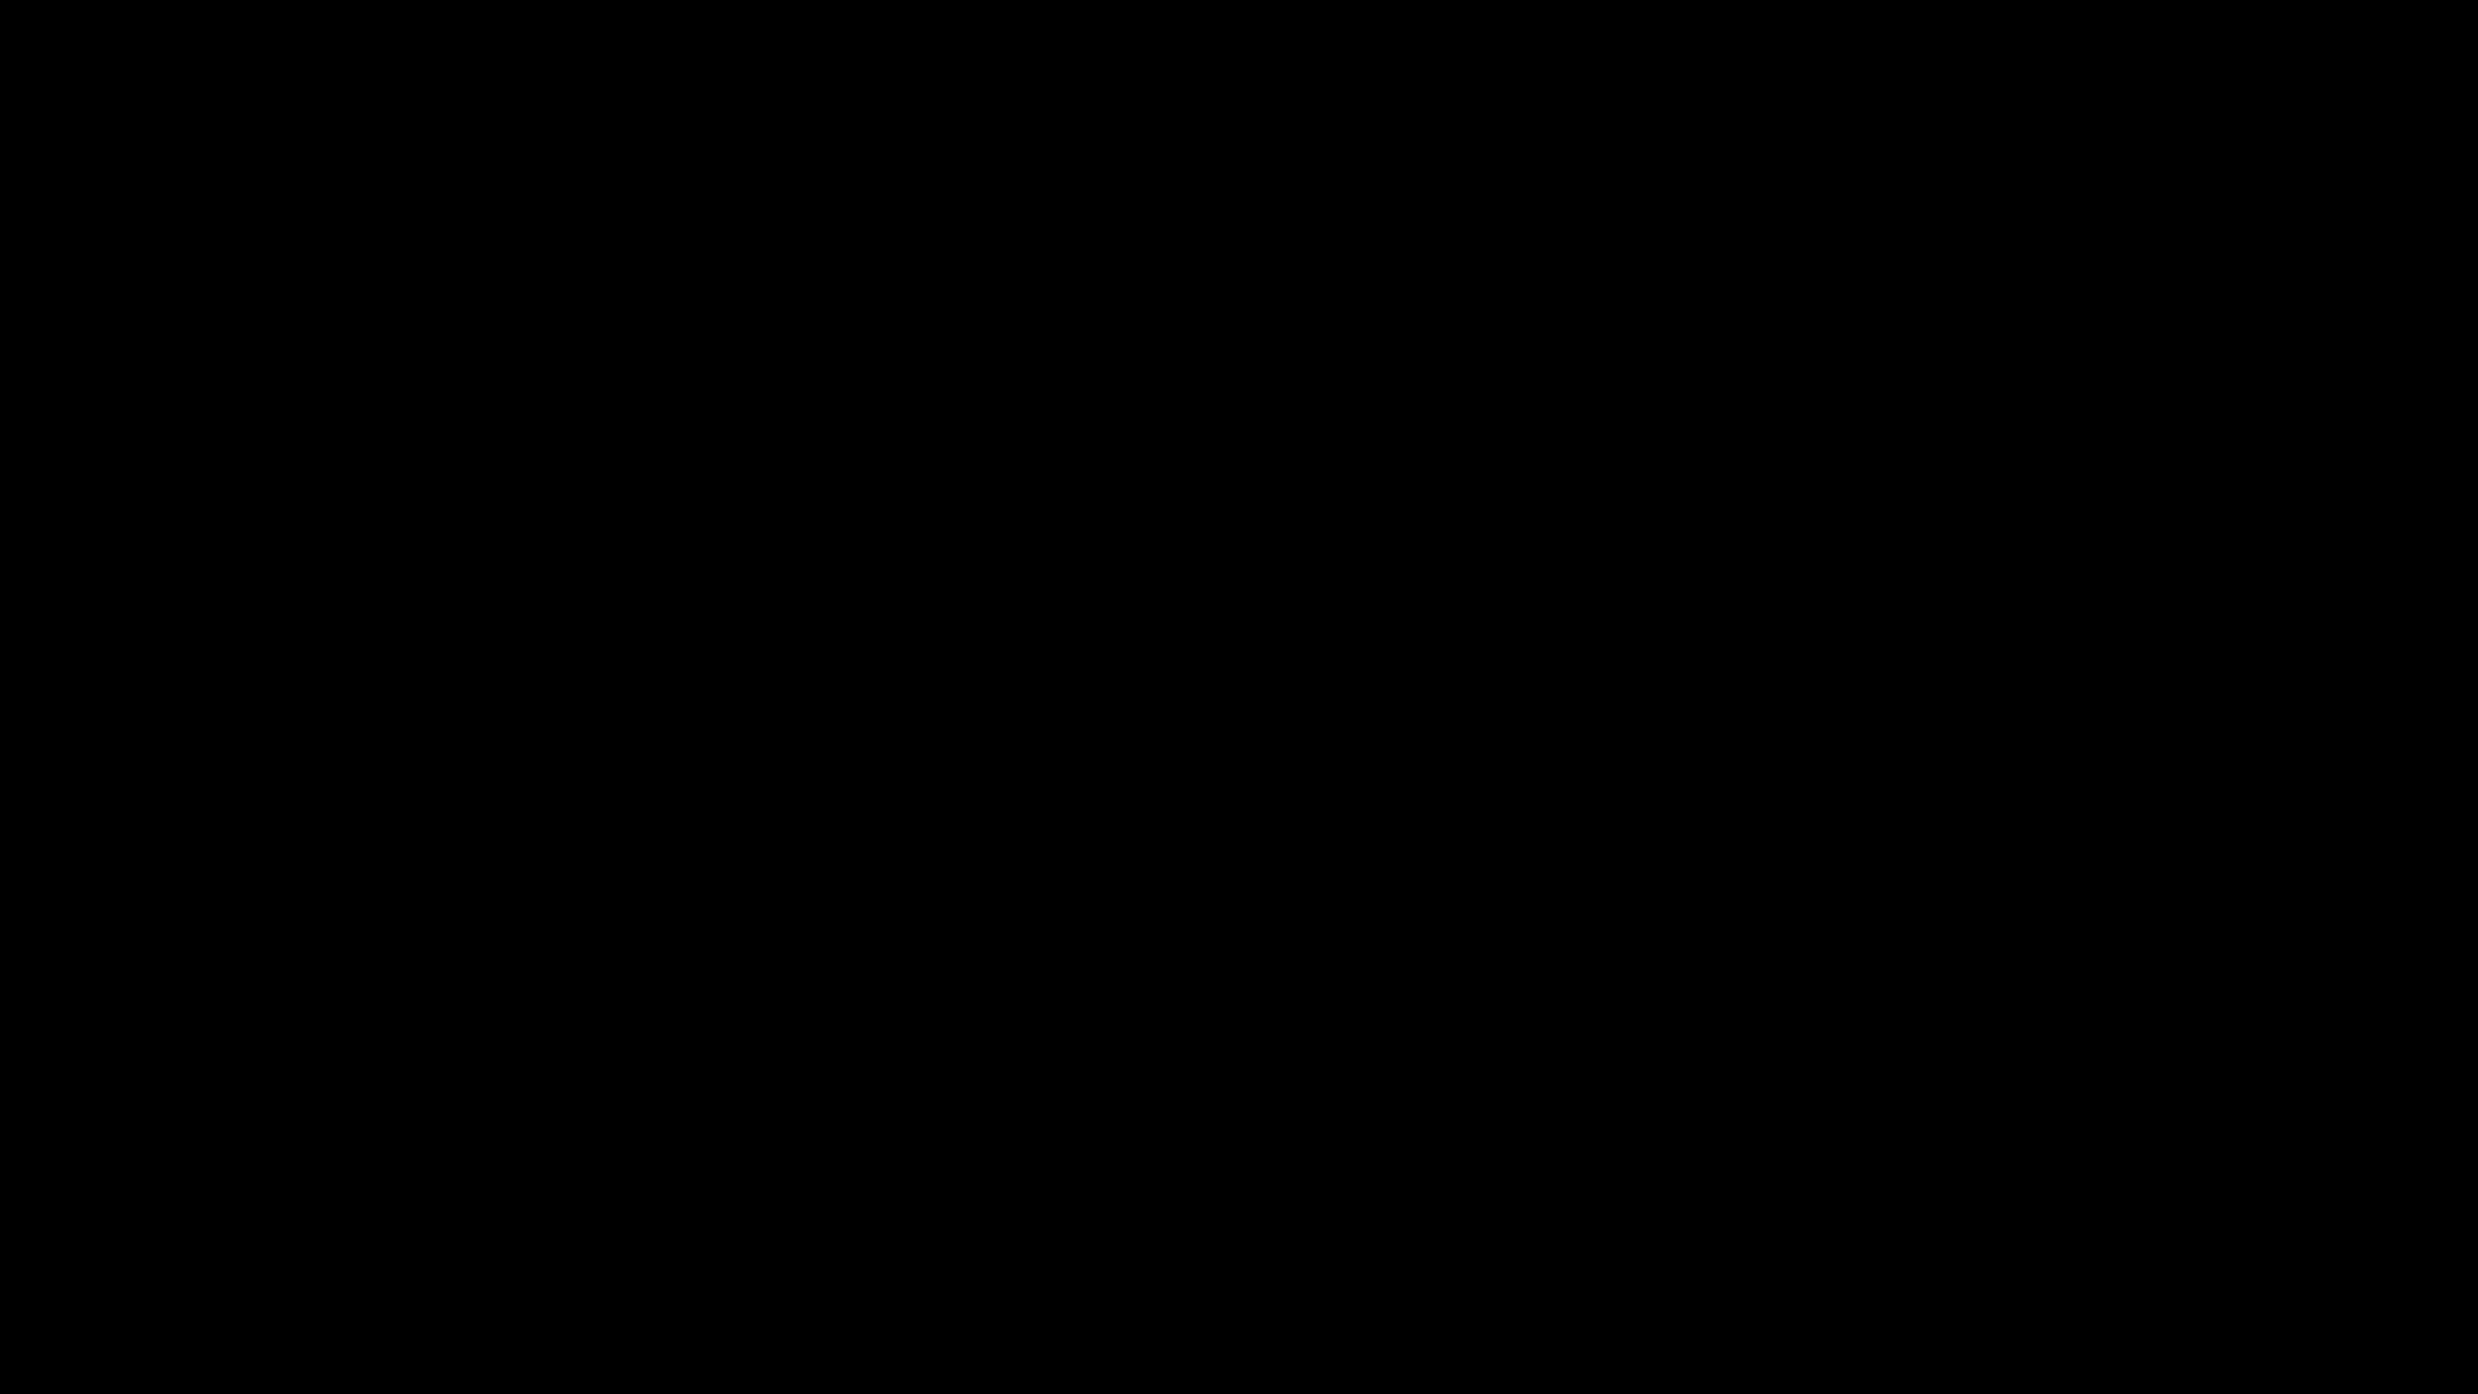 DSCN5826